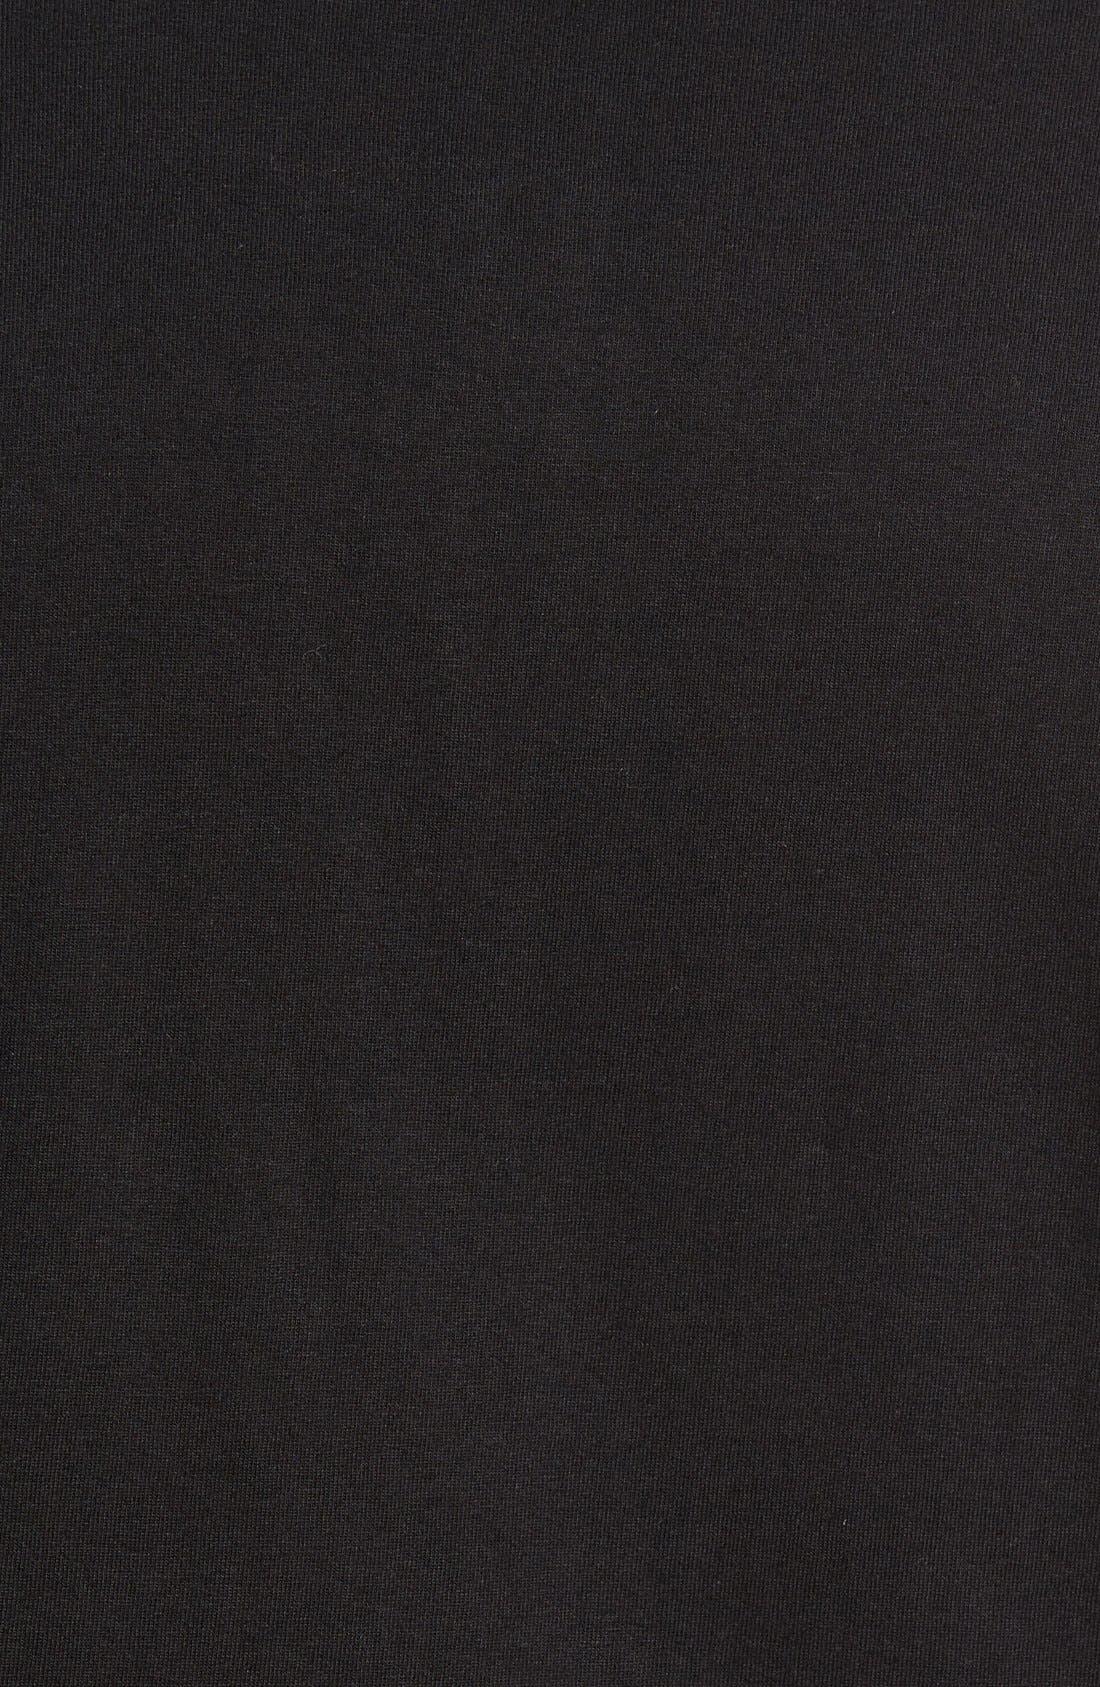 'Harper' Short Sleeve Pocket Henley T-Shirt,                             Alternate thumbnail 5, color,                             001